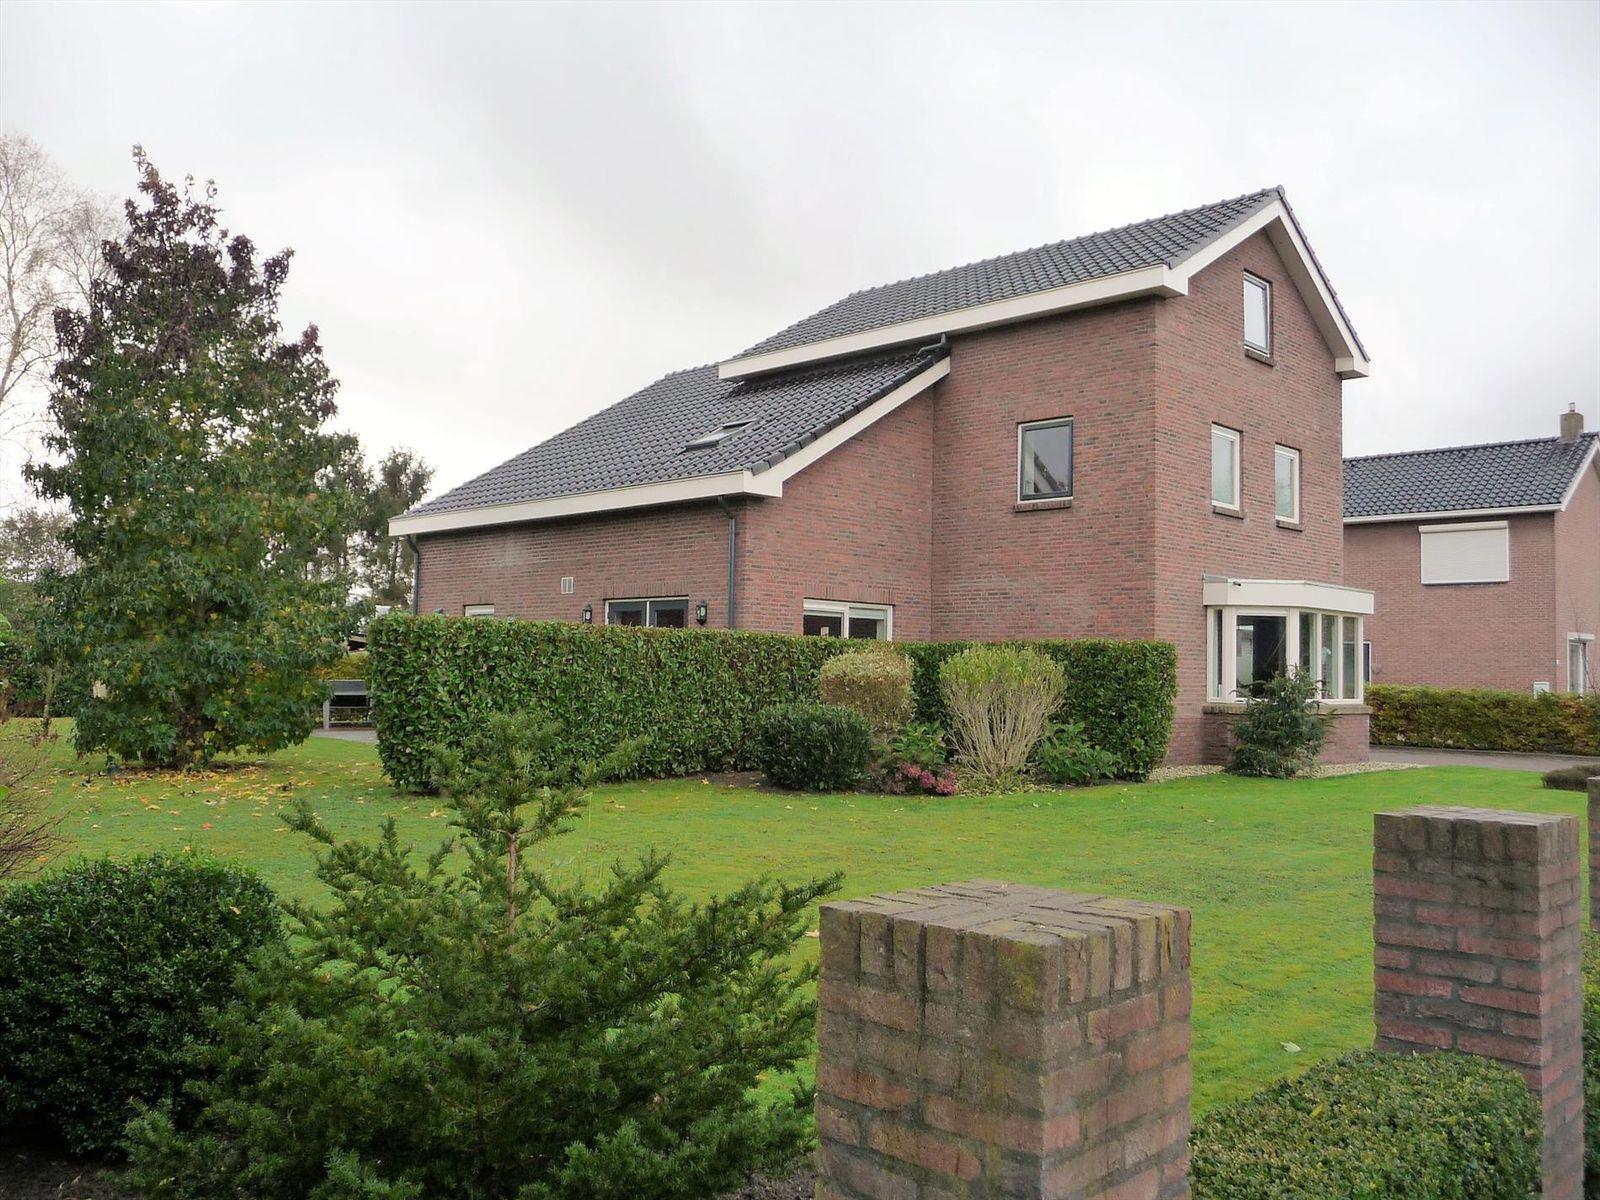 Broekweg 5, Klazienaveen